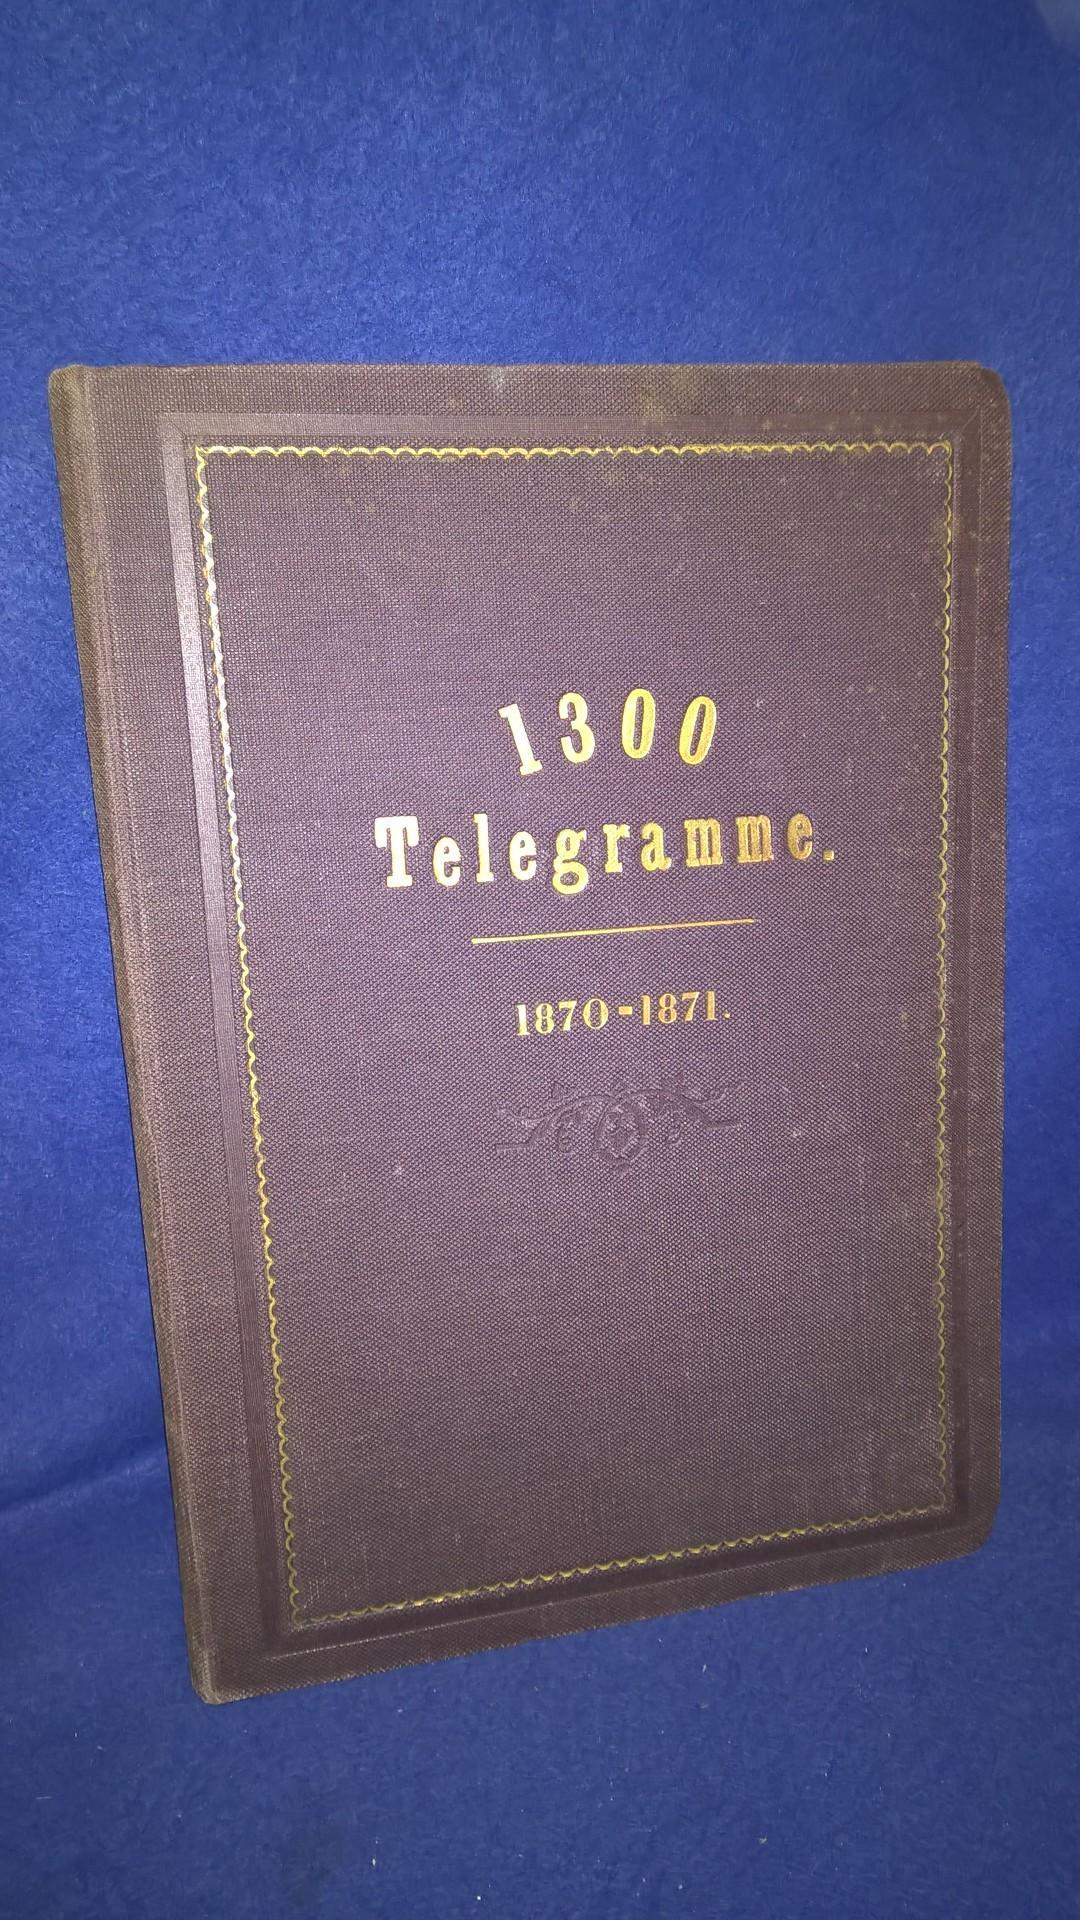 1300 Telegramme über den Krieg zwischen Deutschland und Frankreich vom 15. Juli 1870 bis 2. März 1871.